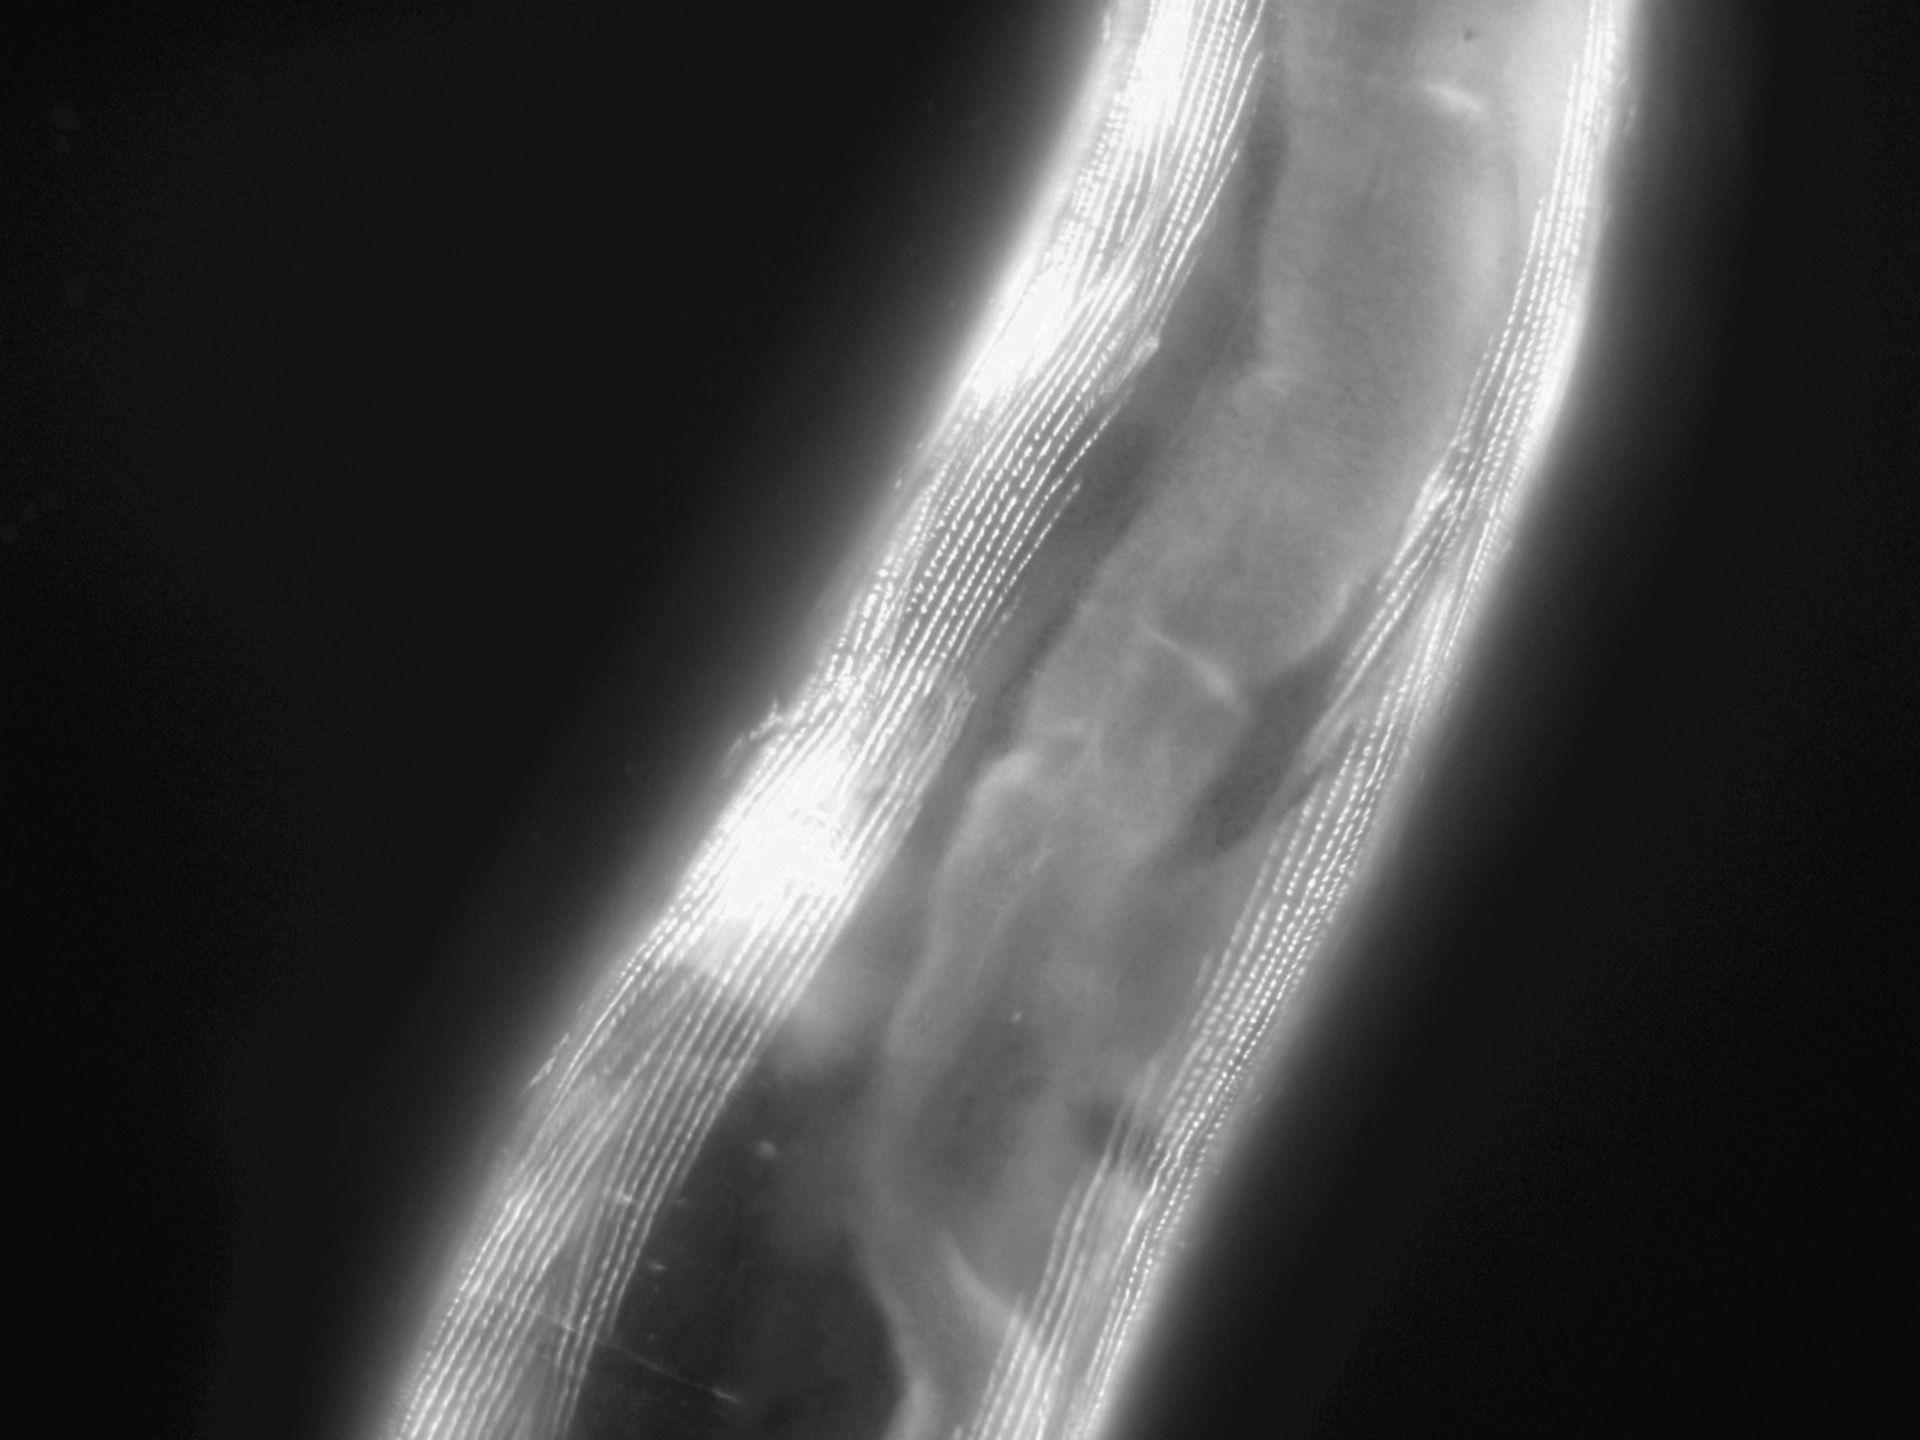 Caenorhabditis elegans (Actin filament) - CIL:1195